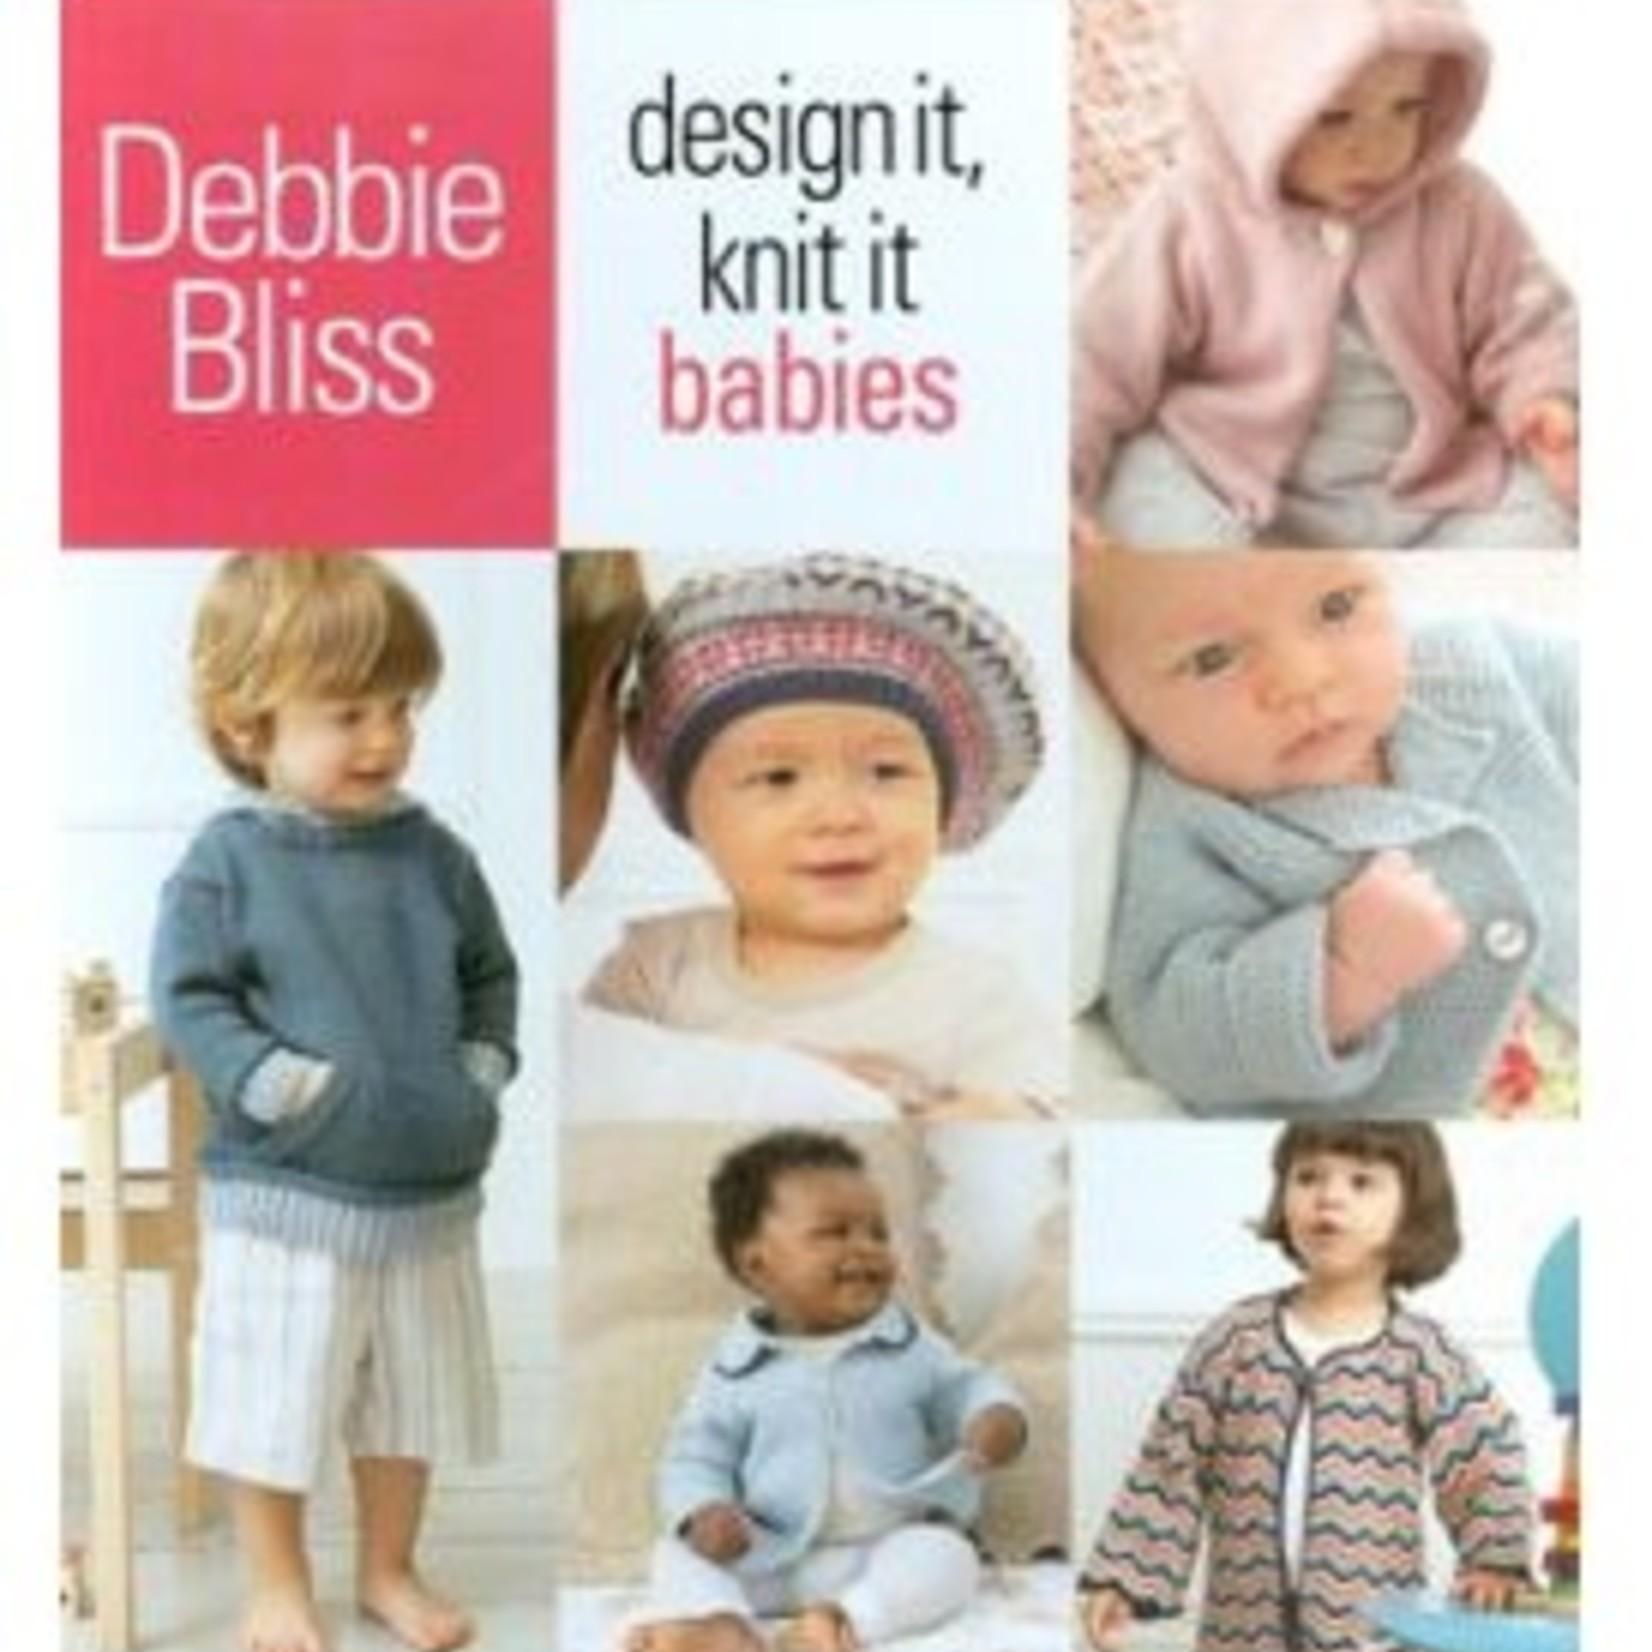 Design It, Knit It- Babies - Debbie Bliss